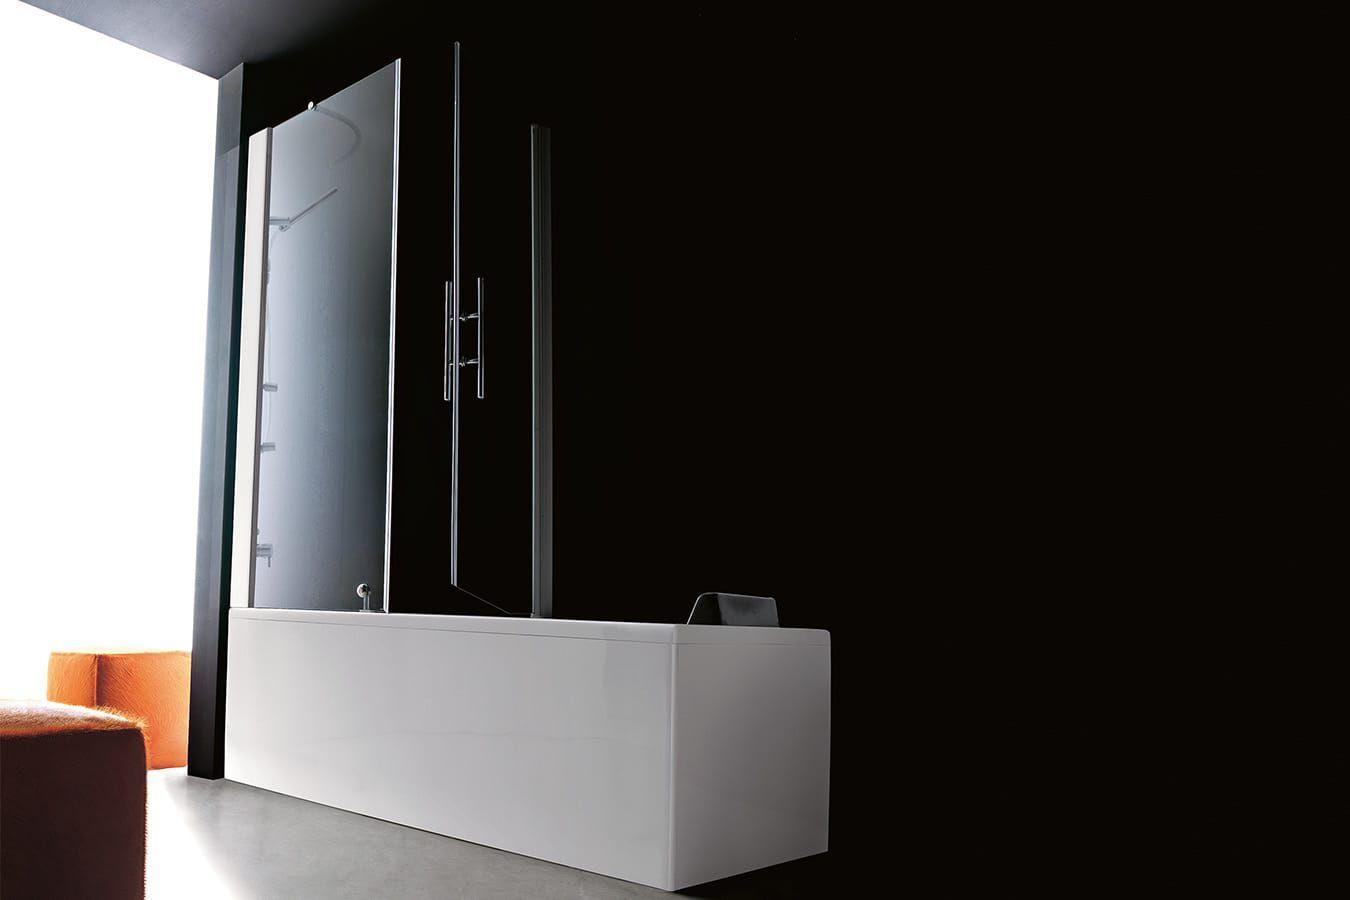 Vasca Da Bagno Verticale : Vasca da bagno doccia da incasso rettangolare in acrilico